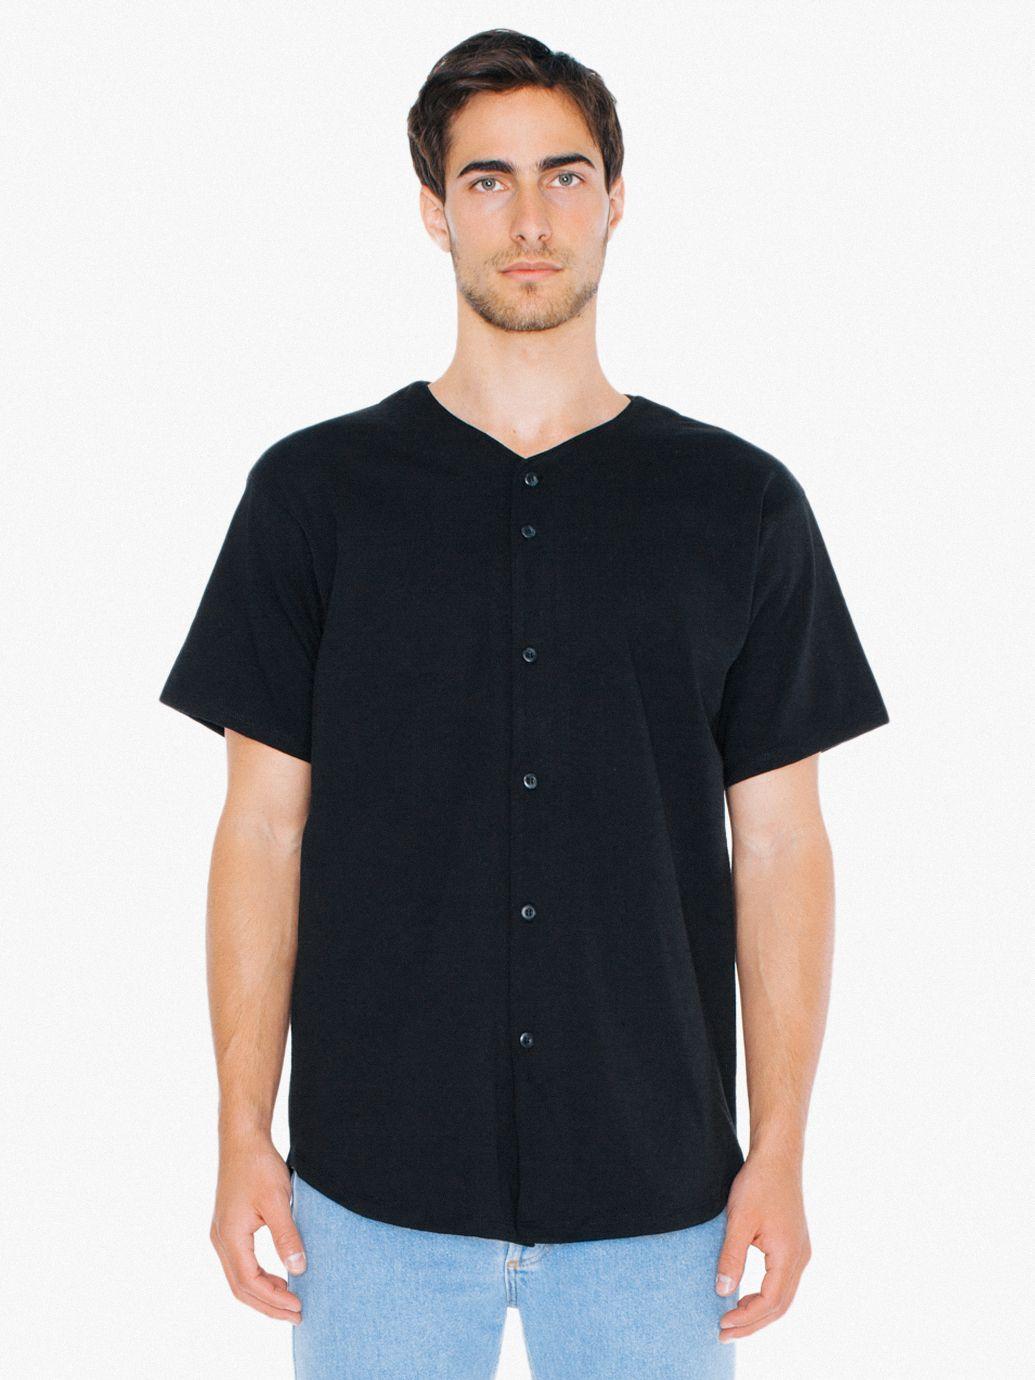 AMA T-shirt Baseball Jersey Thick Knit